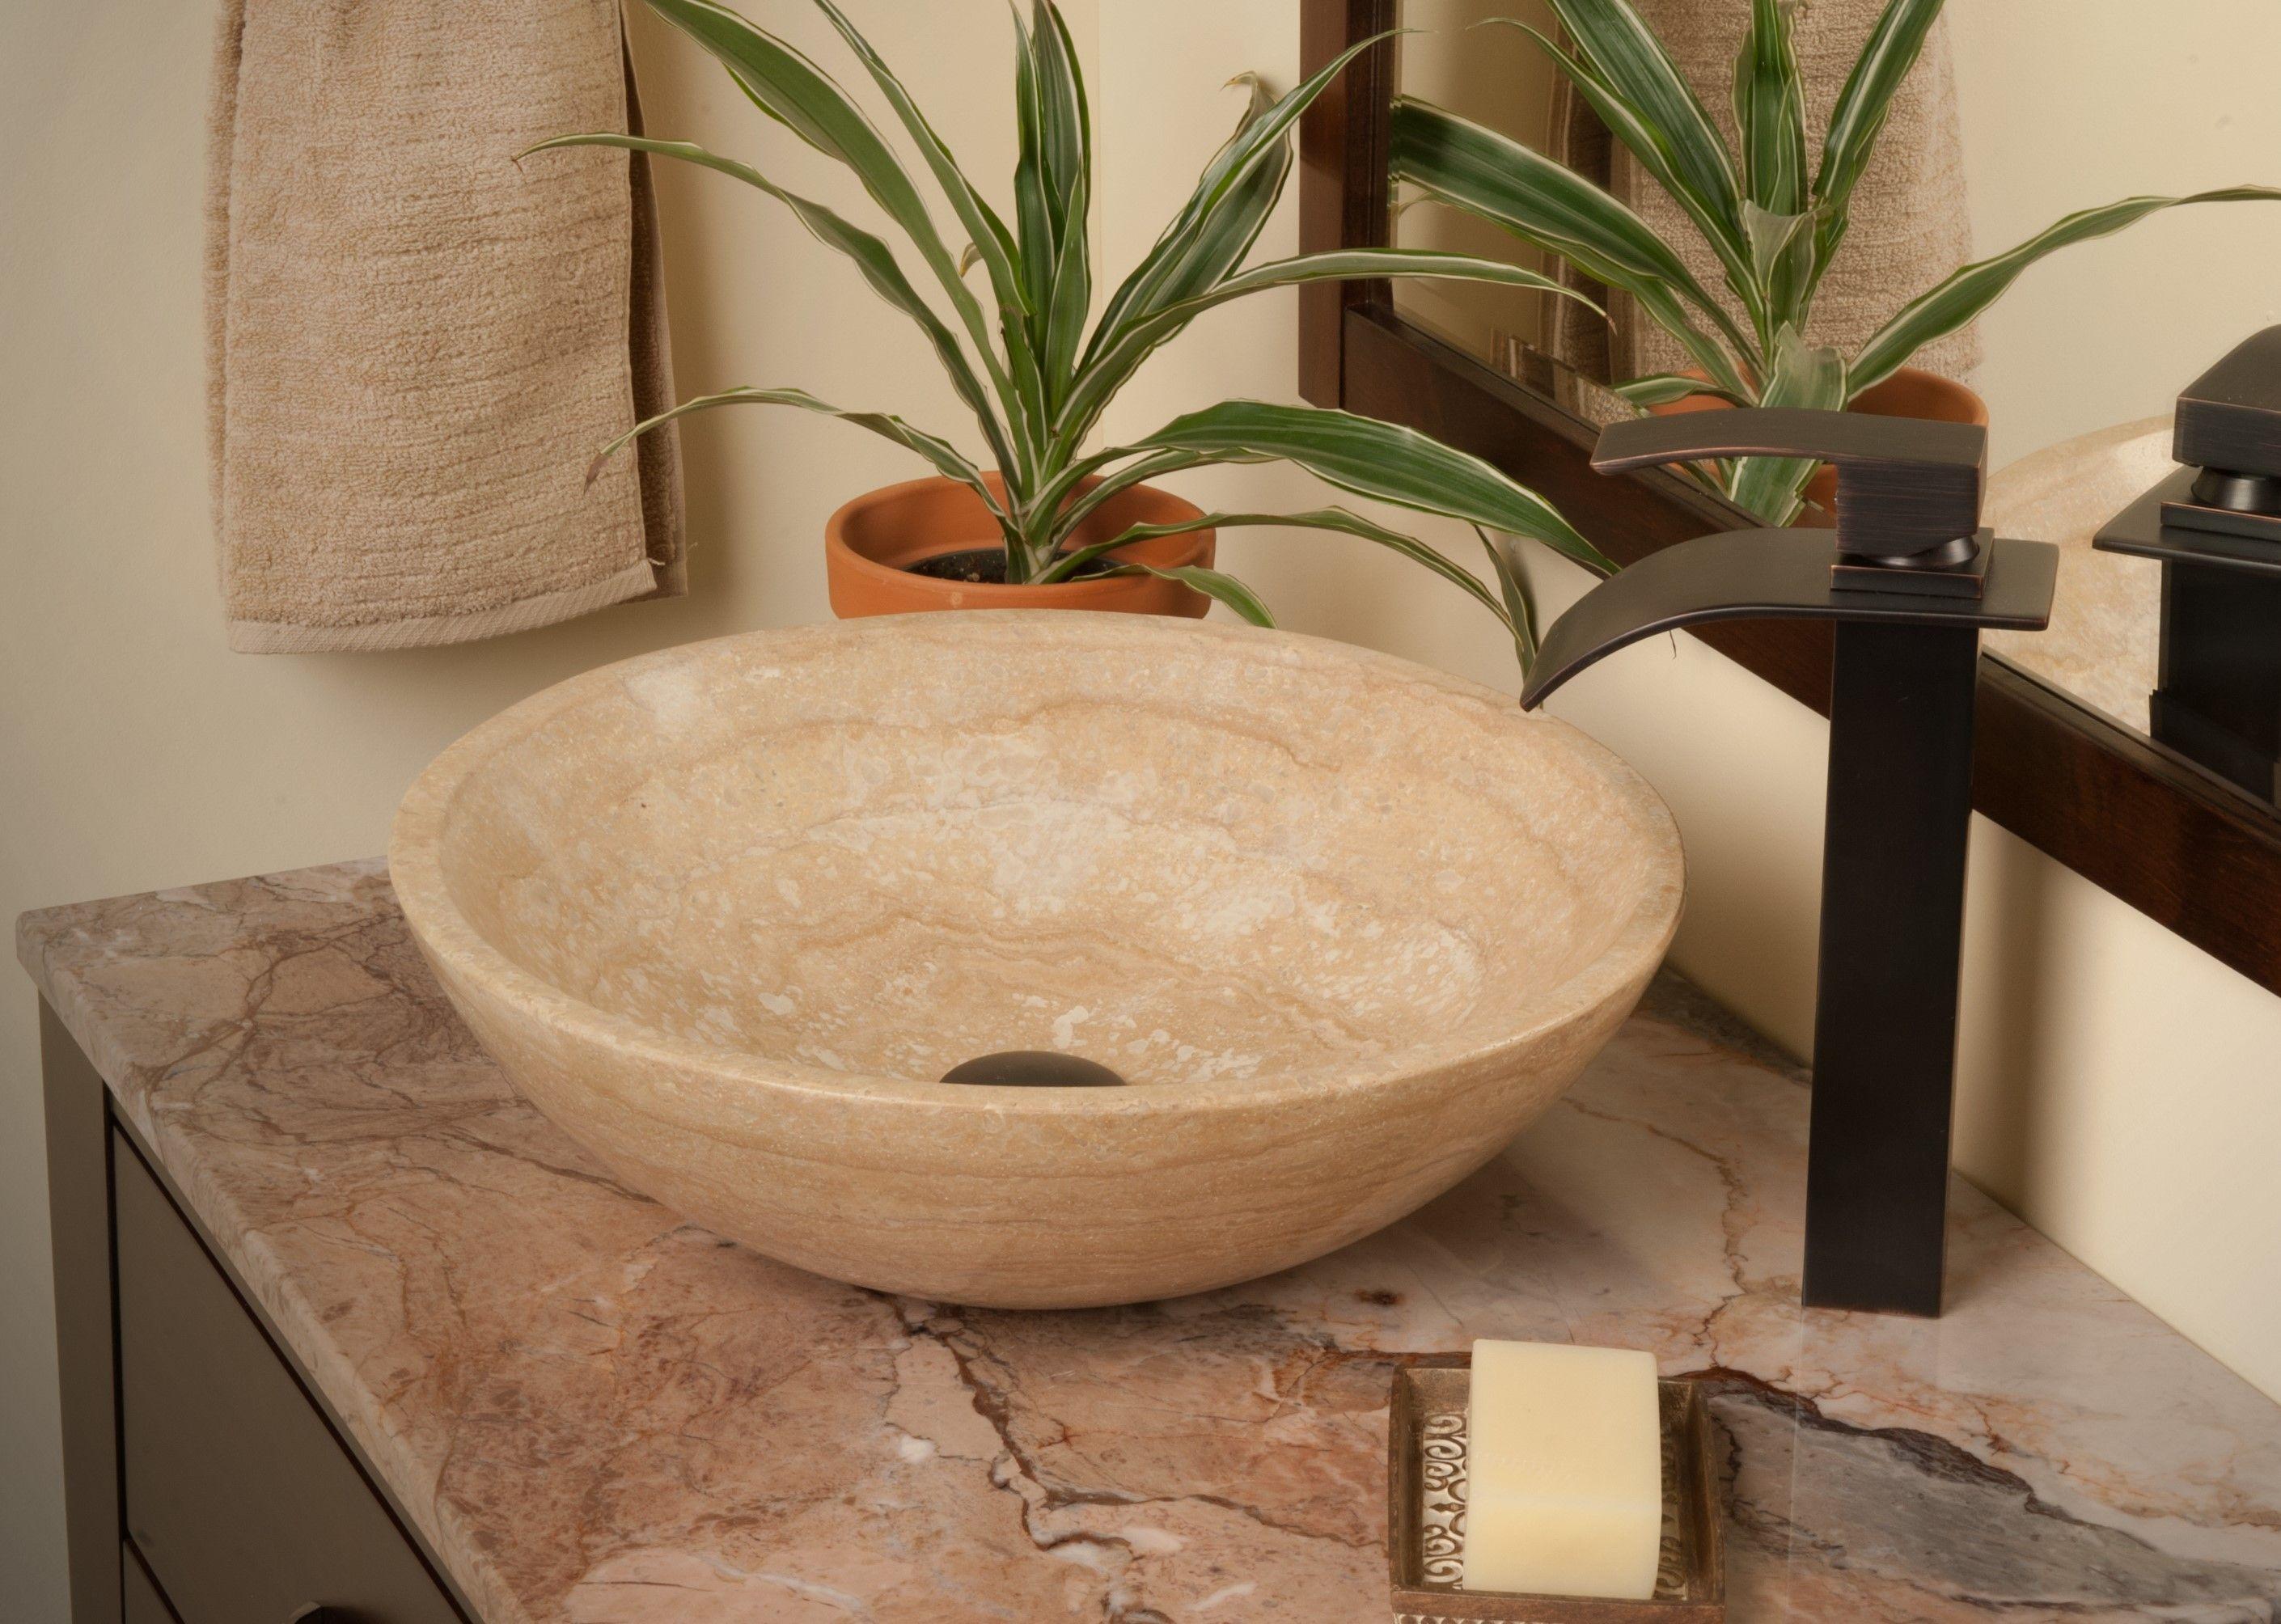 Round Beige Travertine Stone Vessel Sink Combo Nsfc Bt136orb